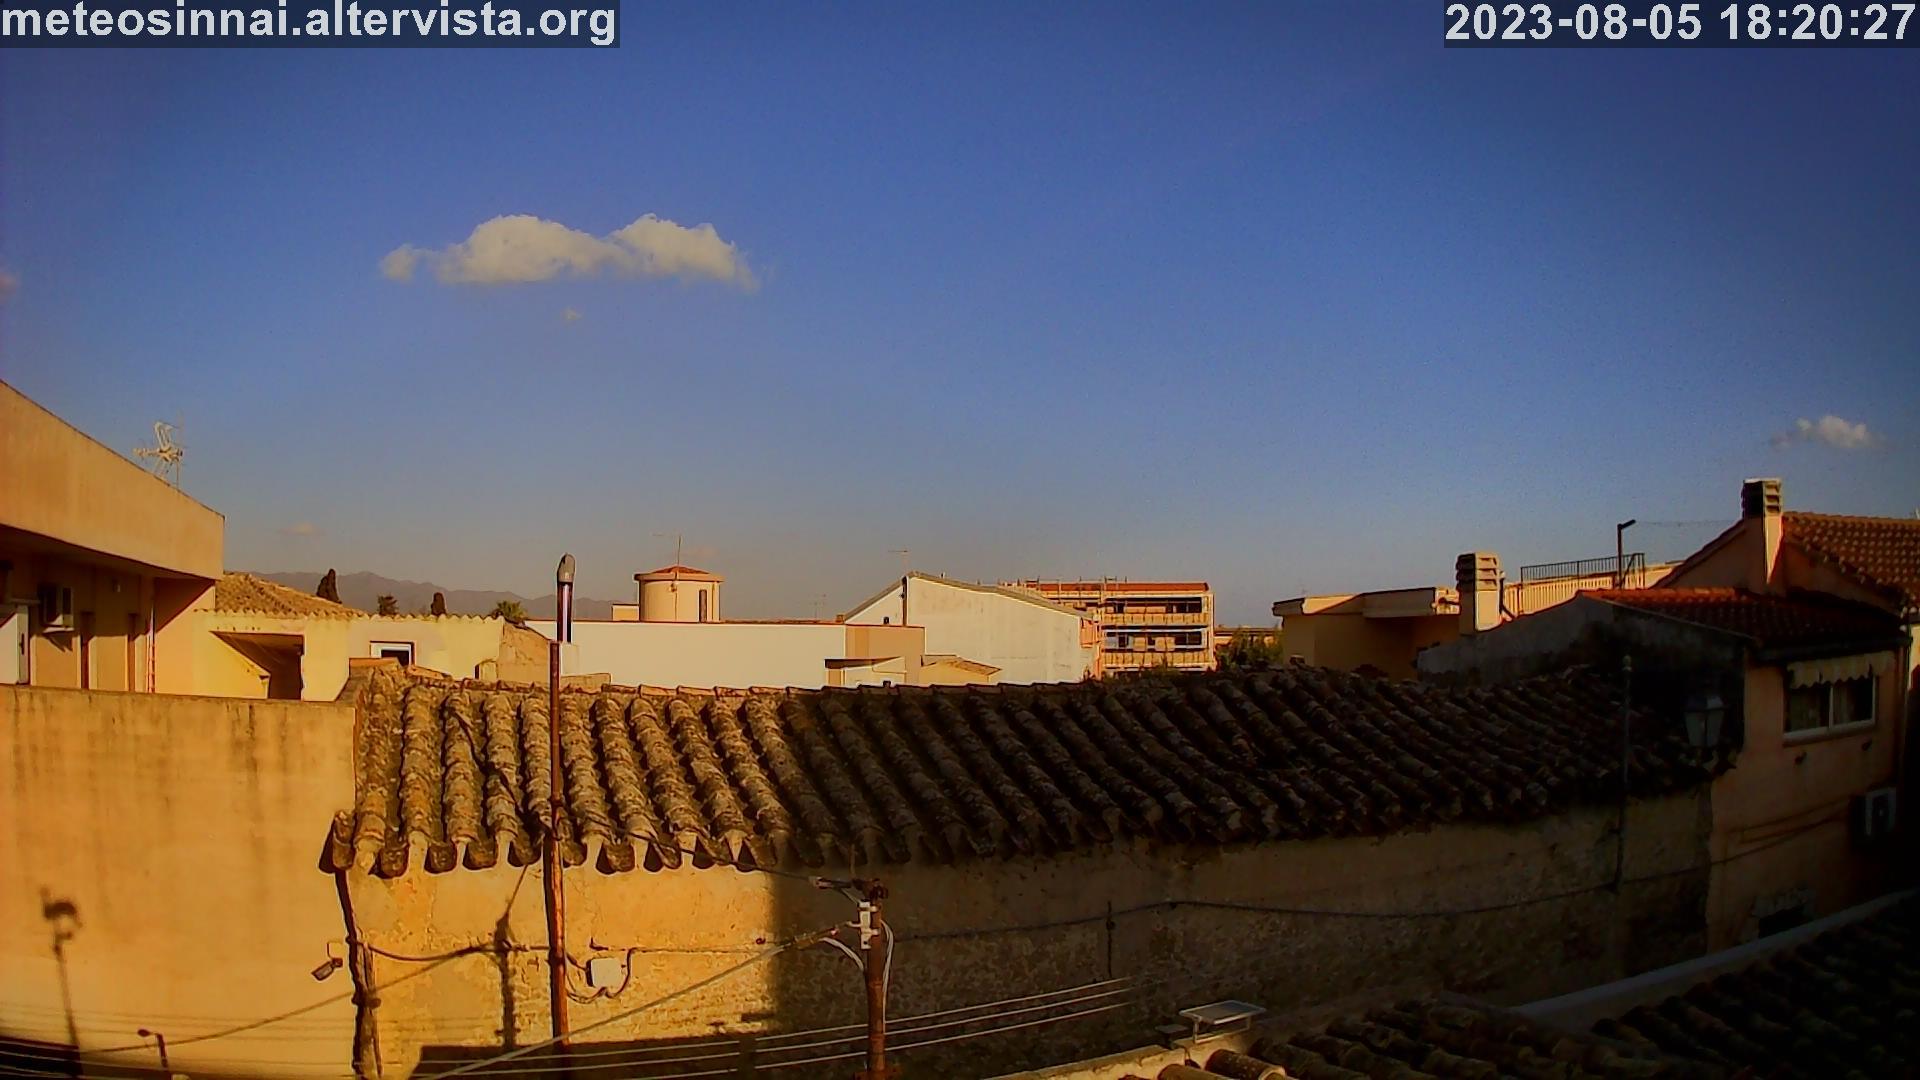 Webcam Sinnai - MeteoSinnai